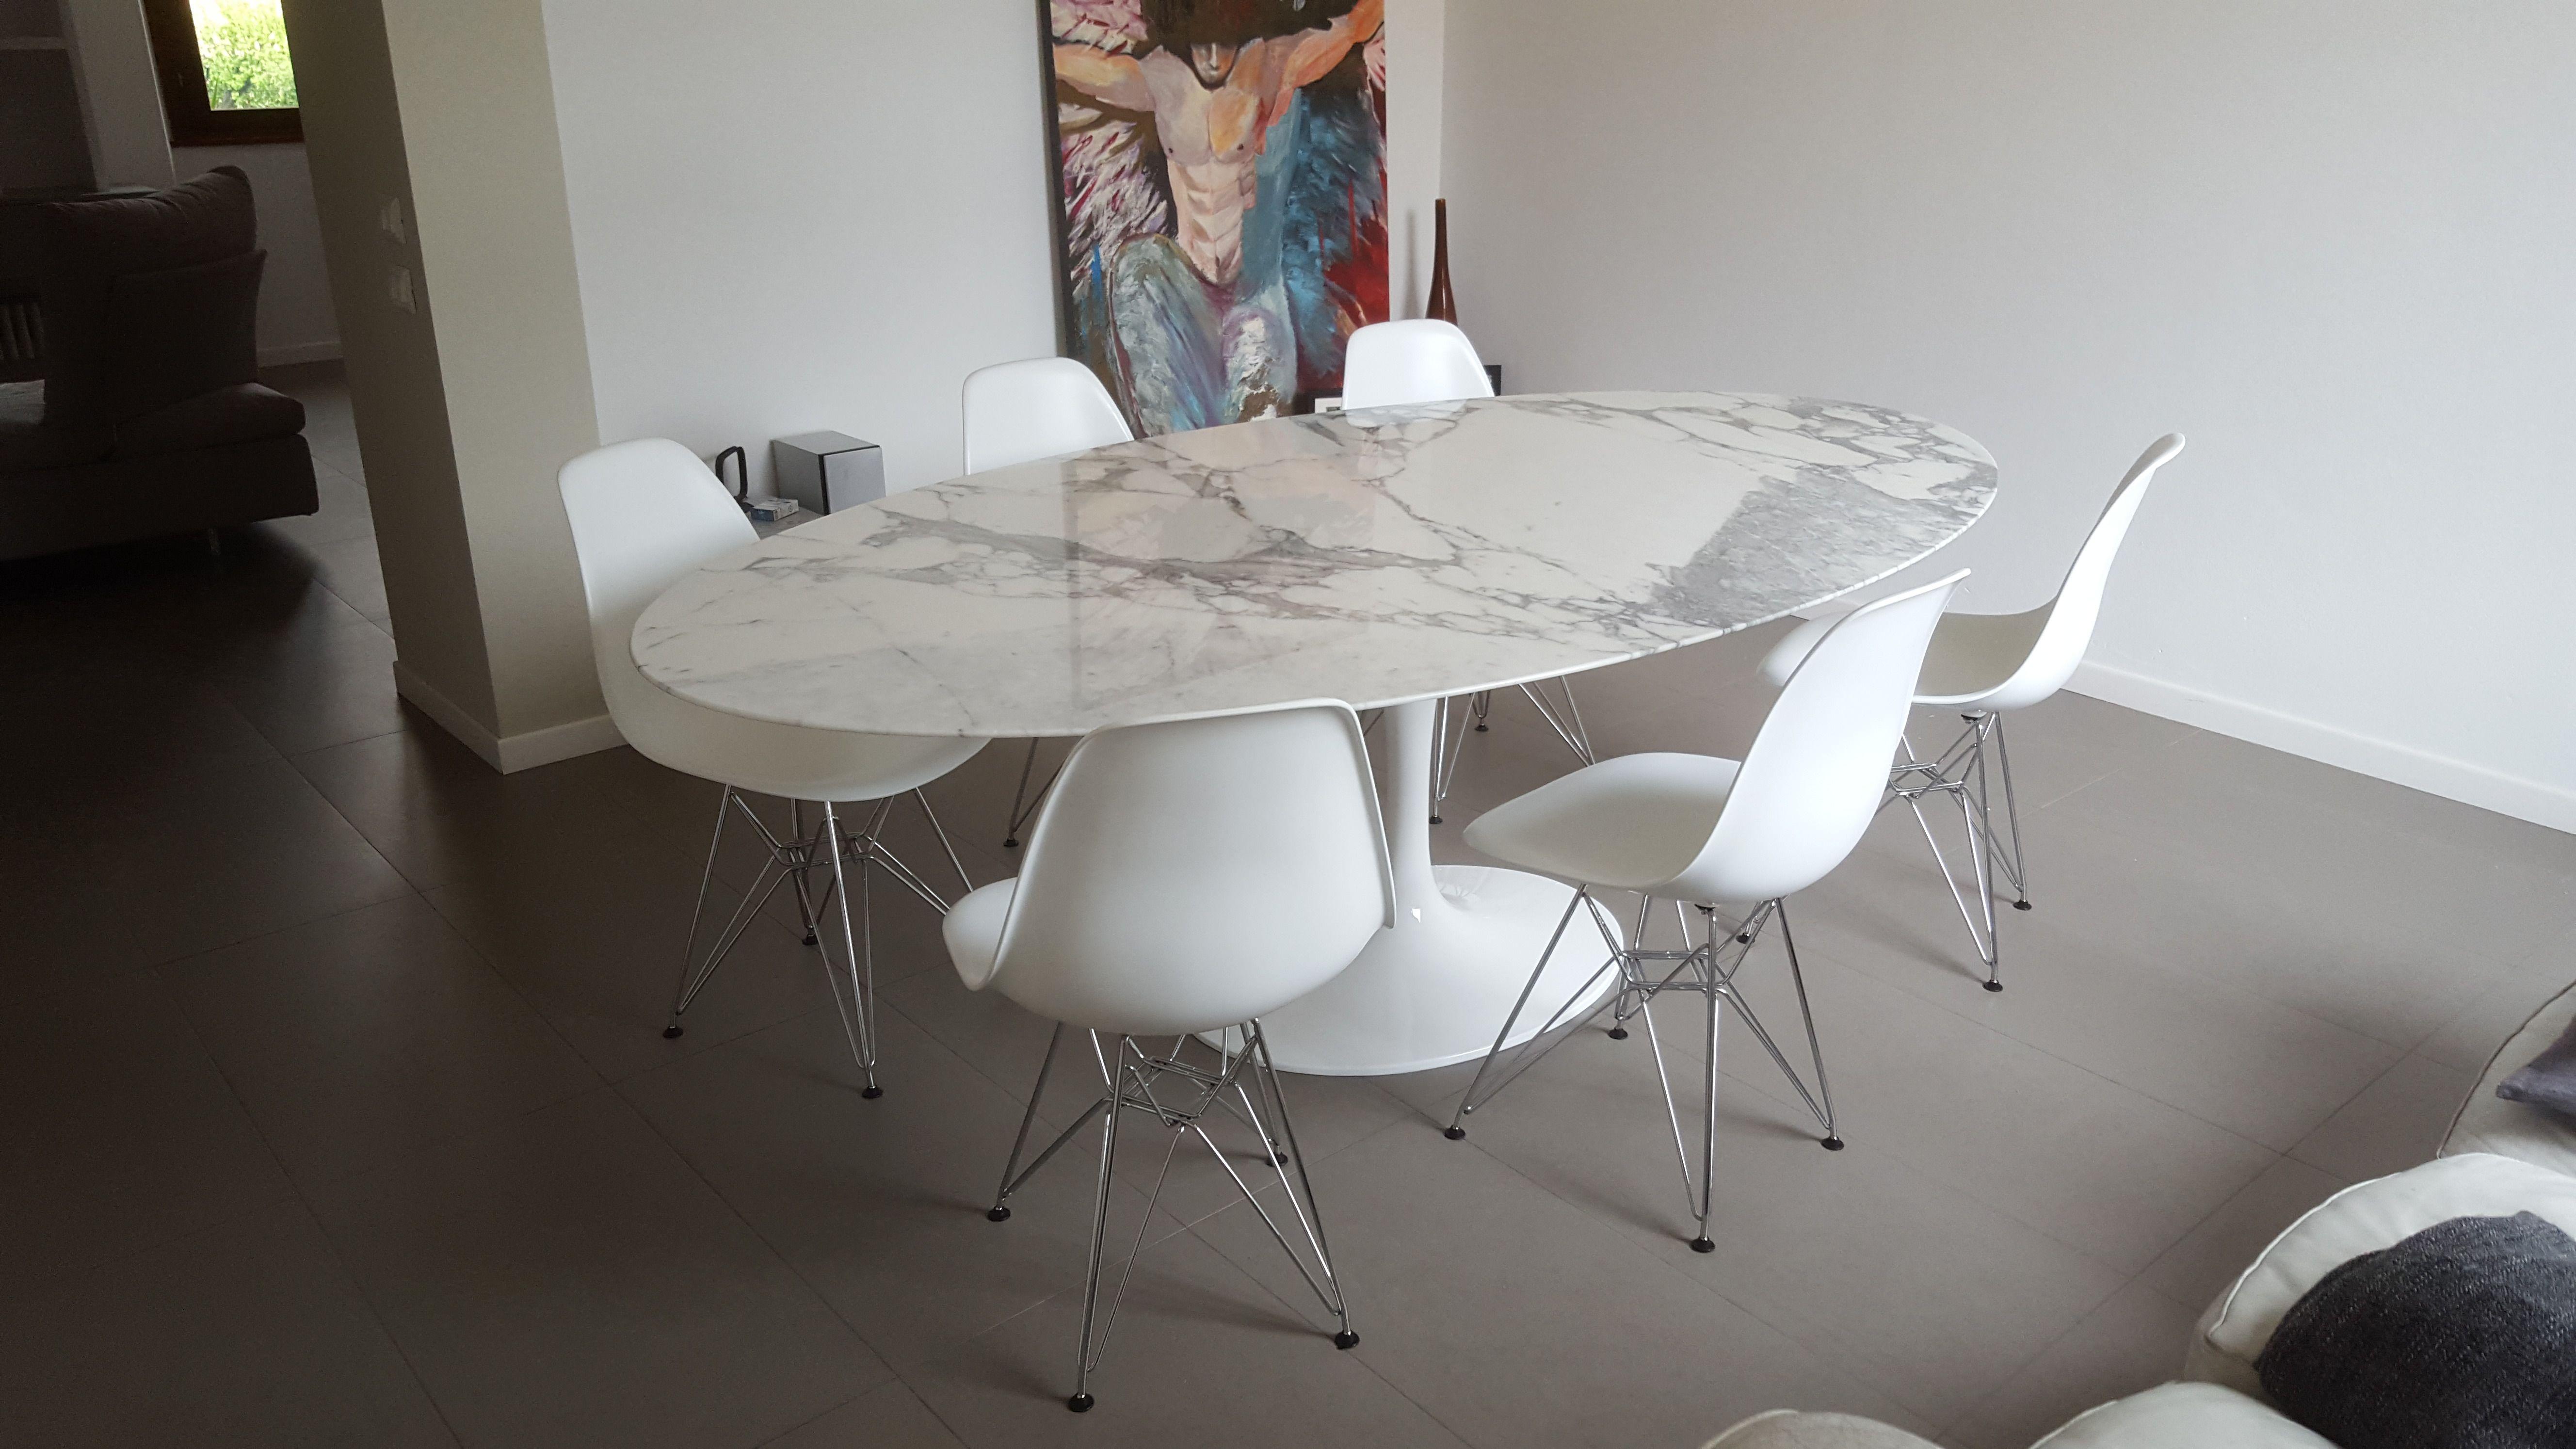 Saarinen Tavolo ~ Tulip table saarinen tavolo design marmo made in italy 100